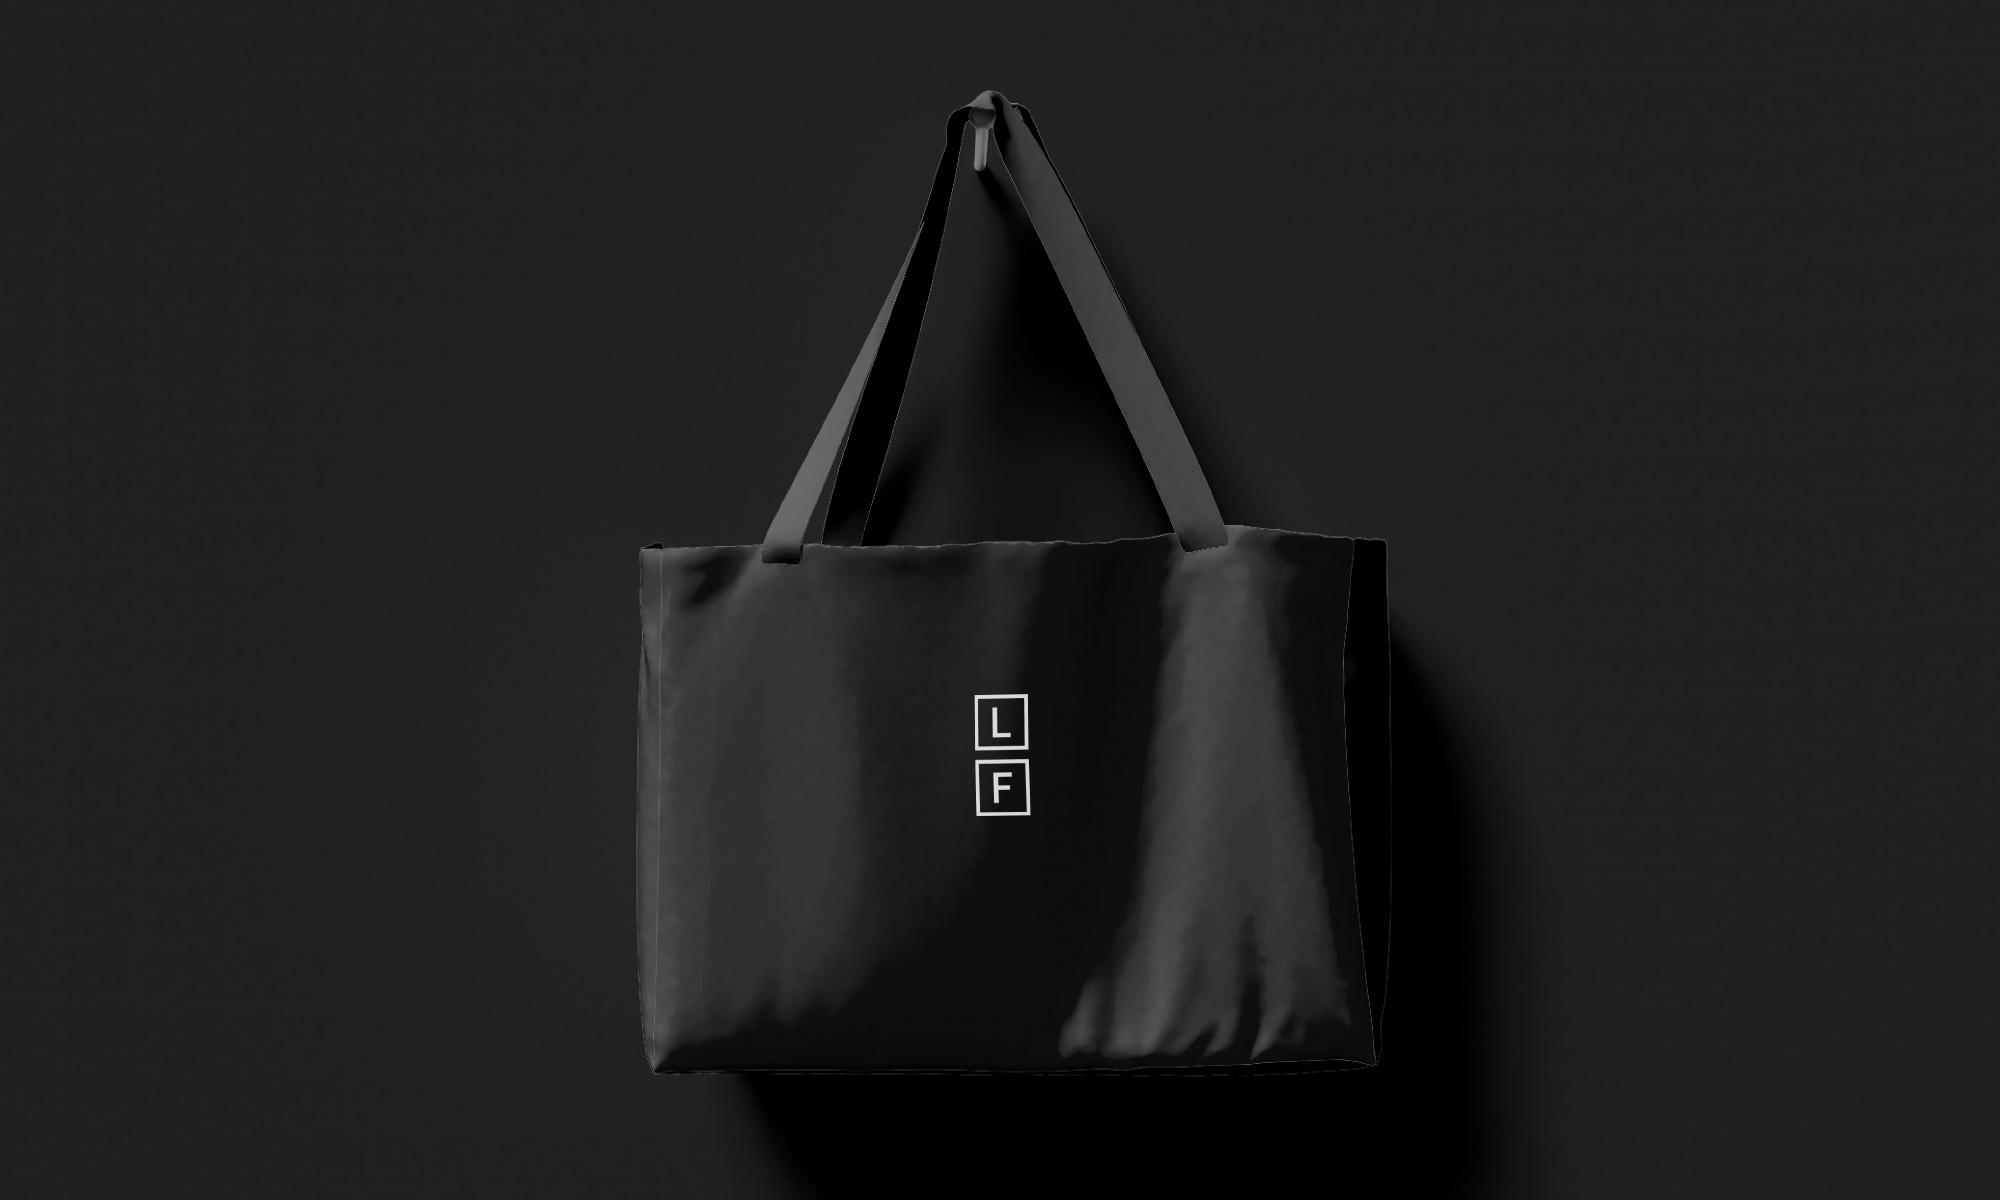 Le Flow bag